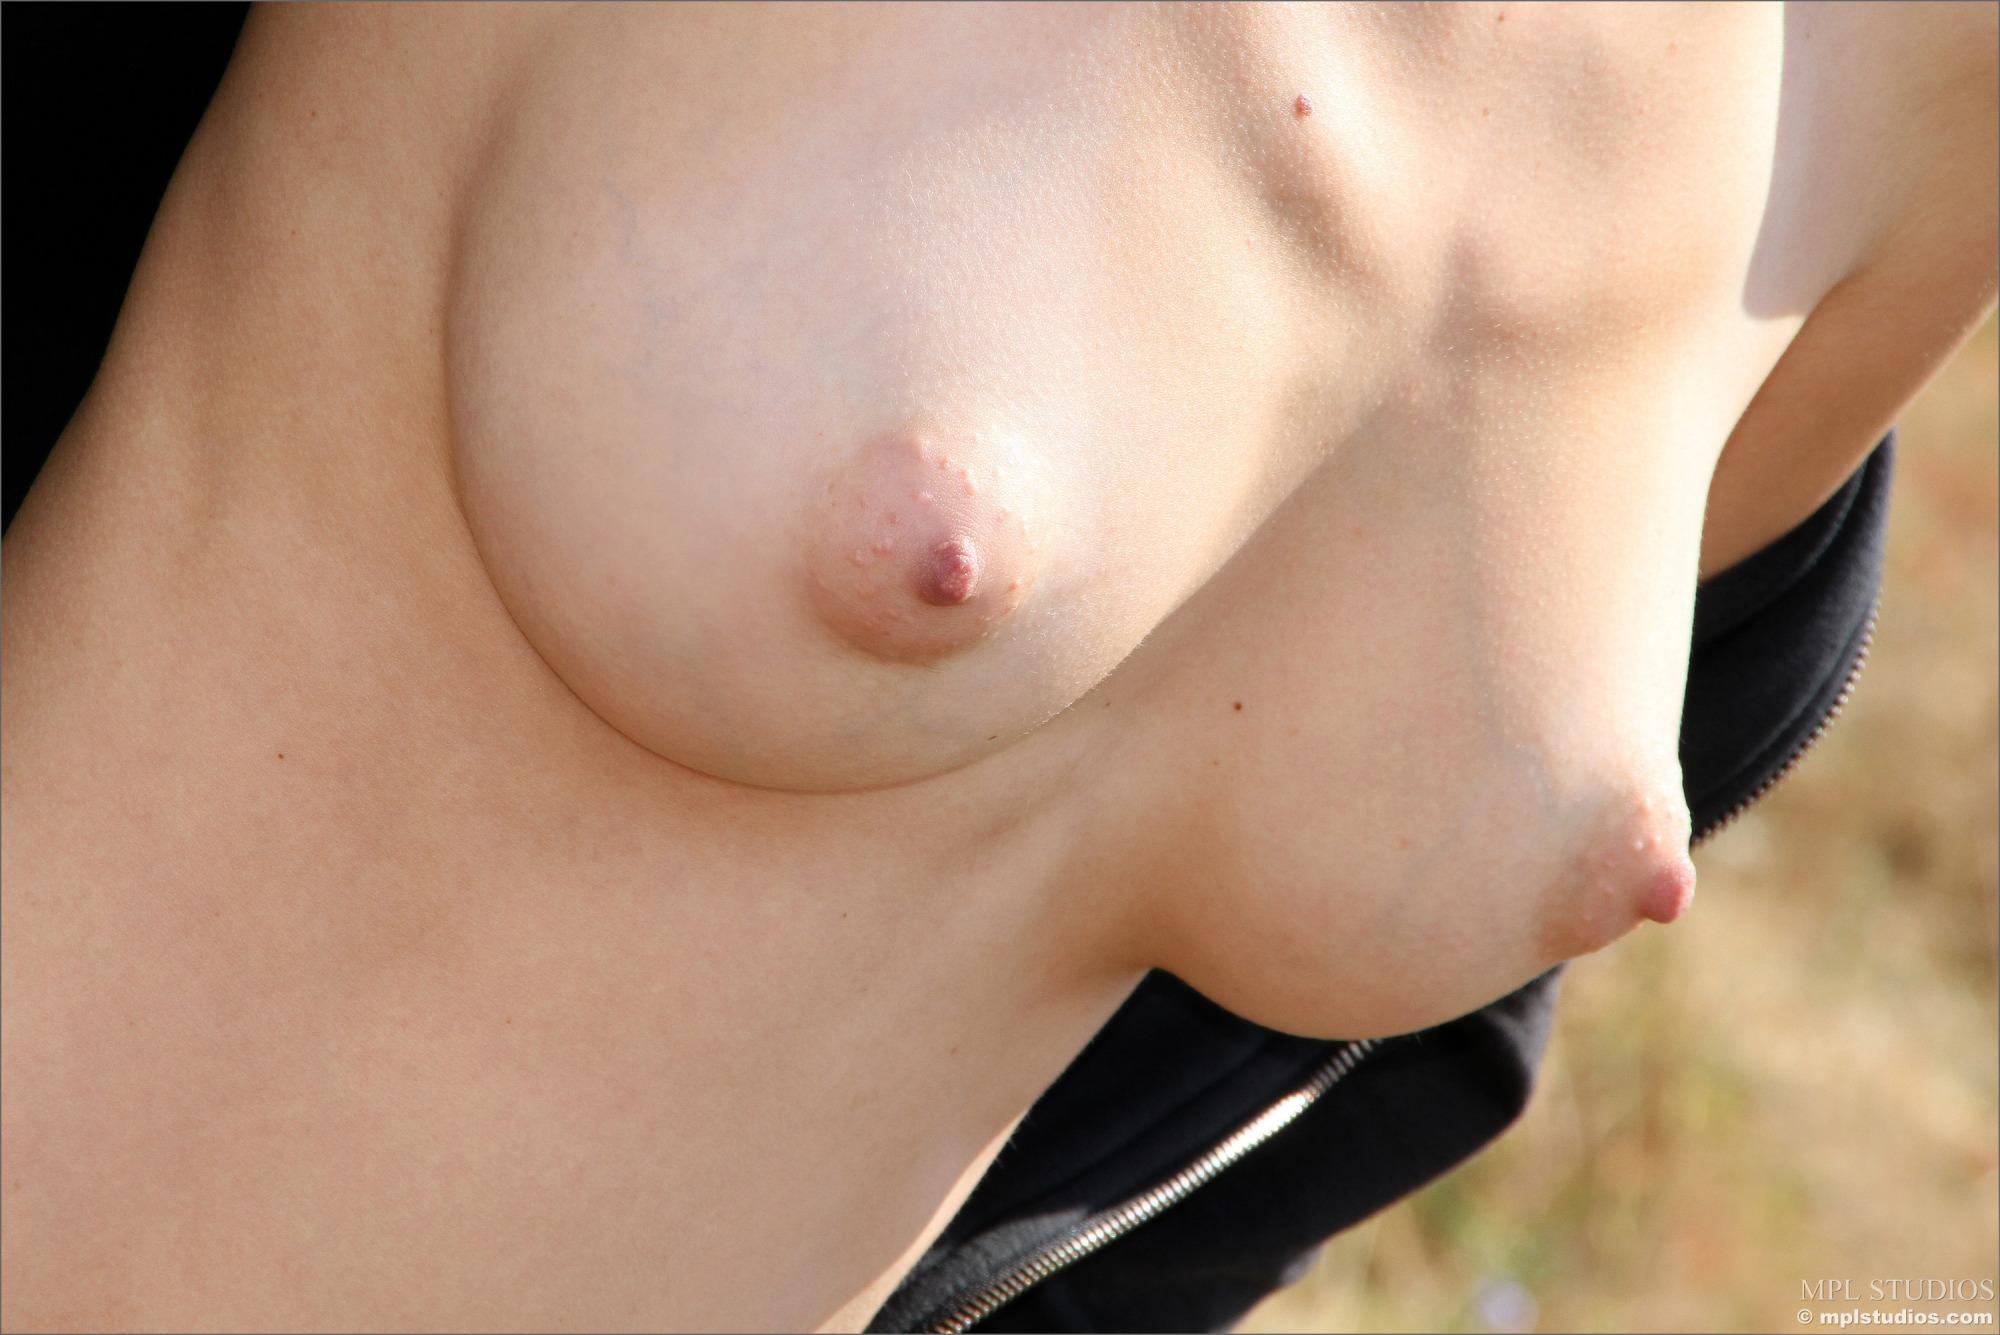 Стоячая женская грудь фото 26 фотография